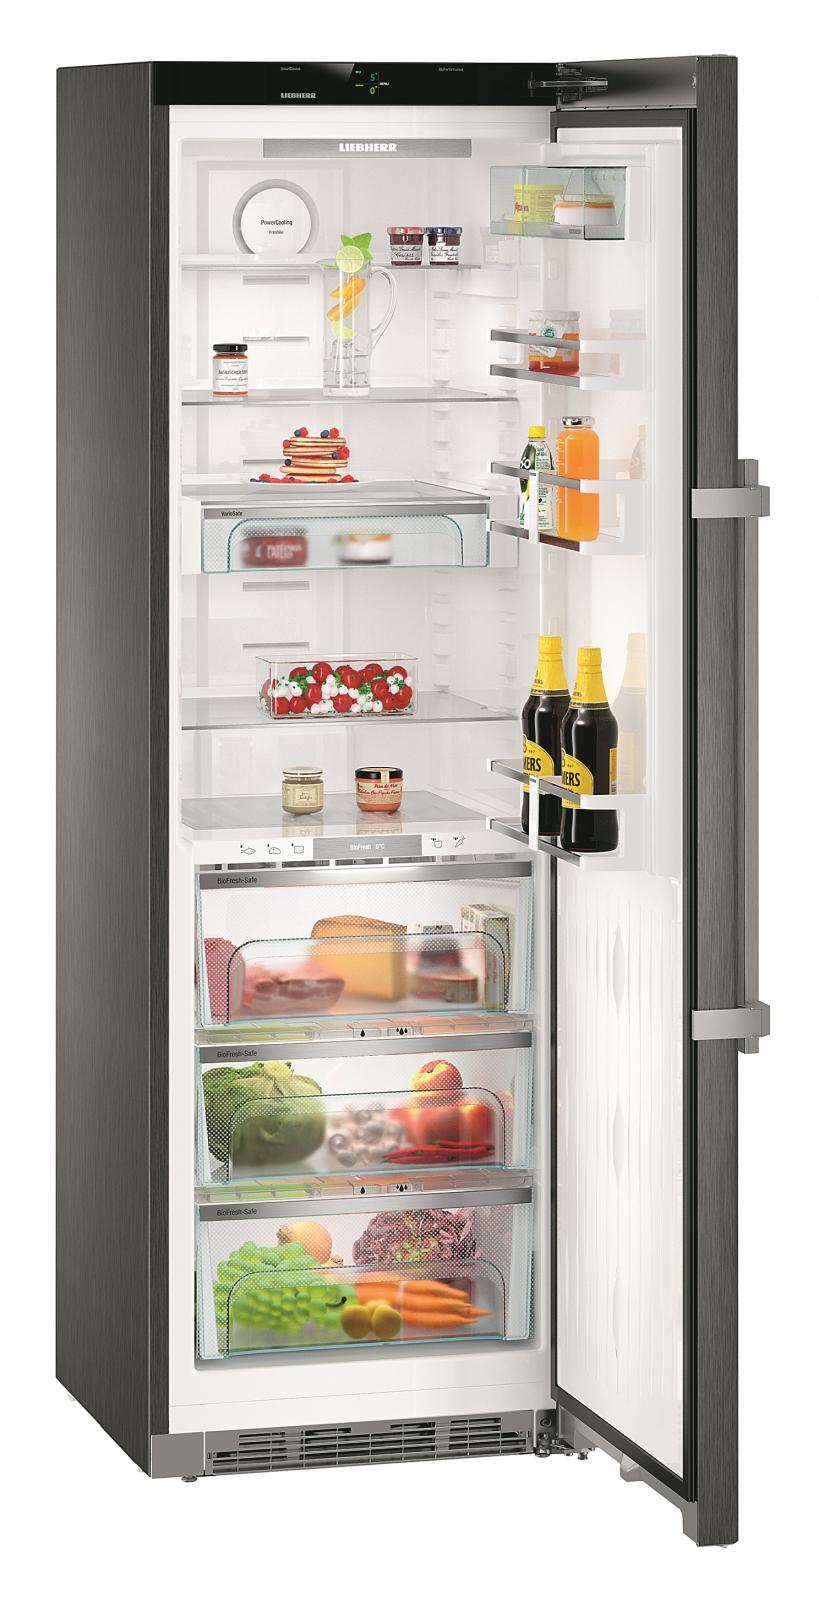 купить Однокамерный холодильник Liebherr KBbs 4350 Украина фото 0